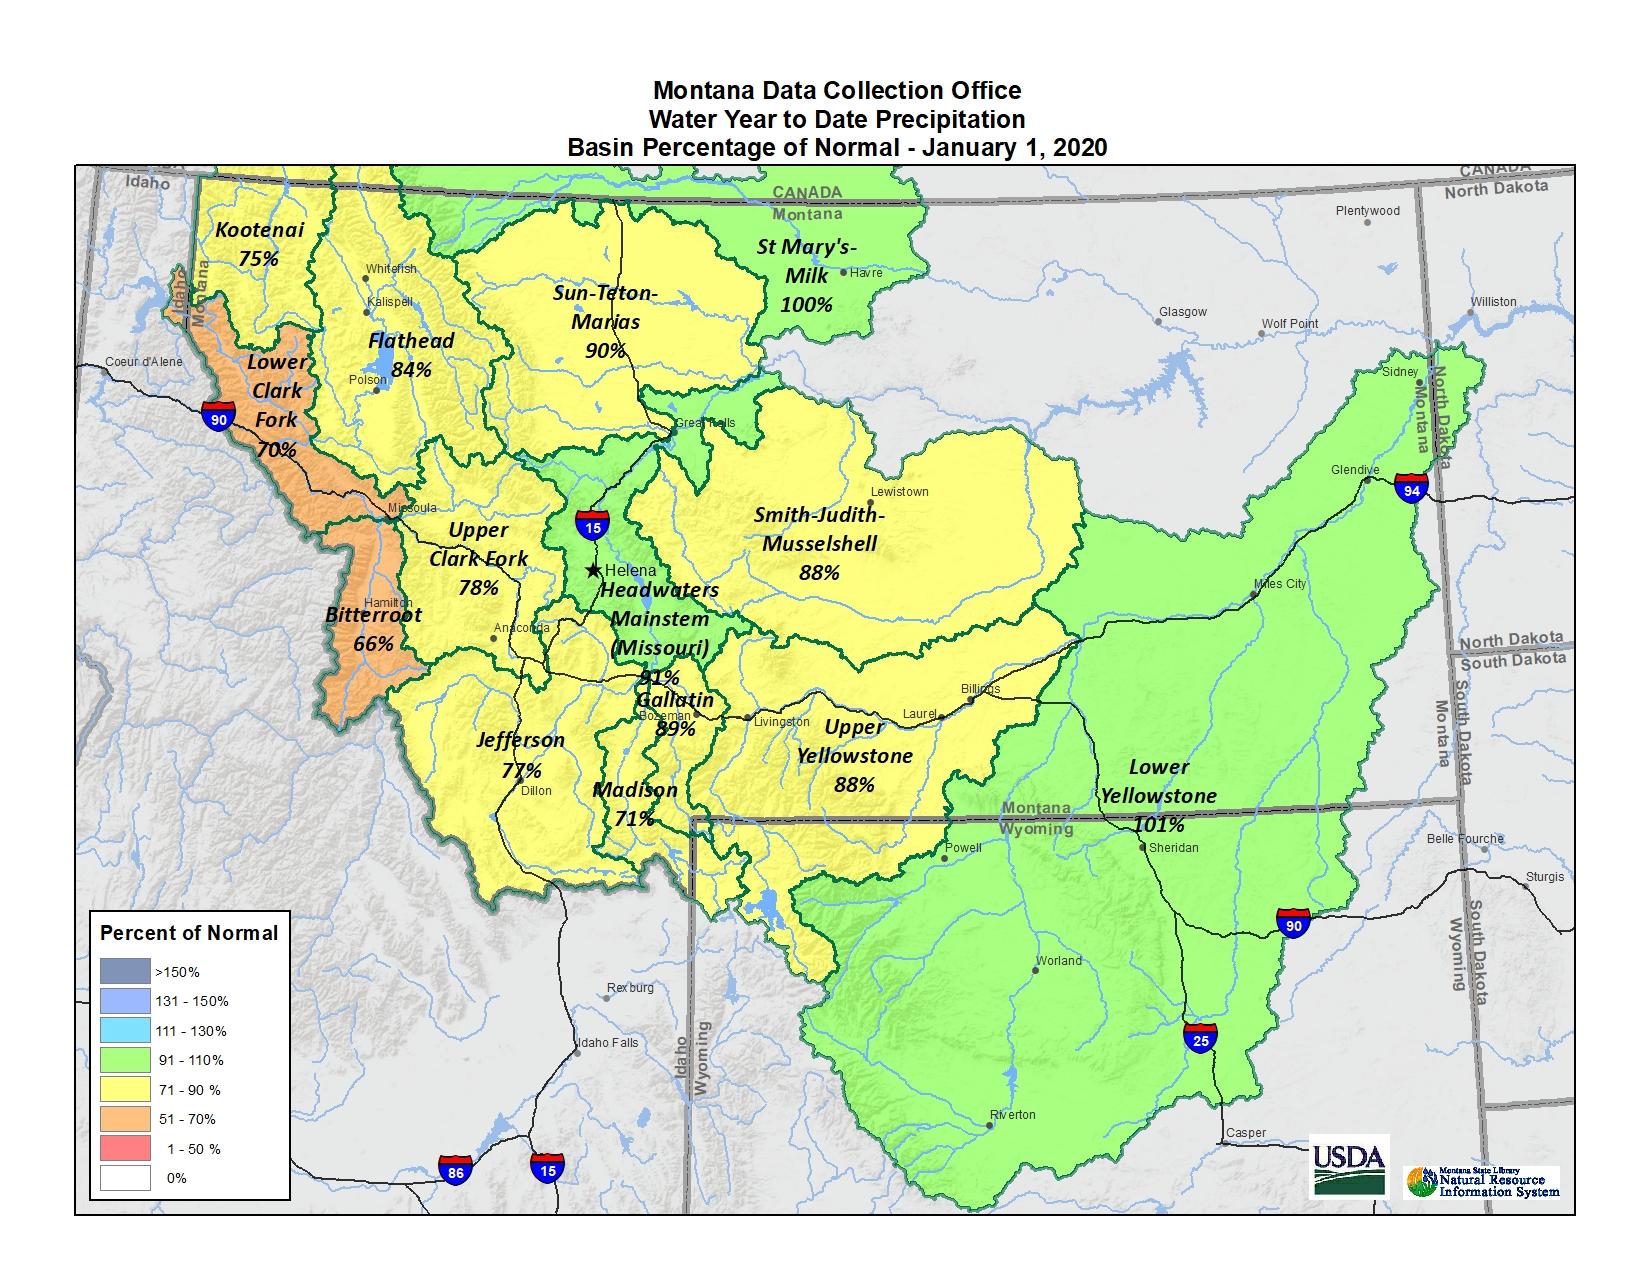 January 2020 Basin Map